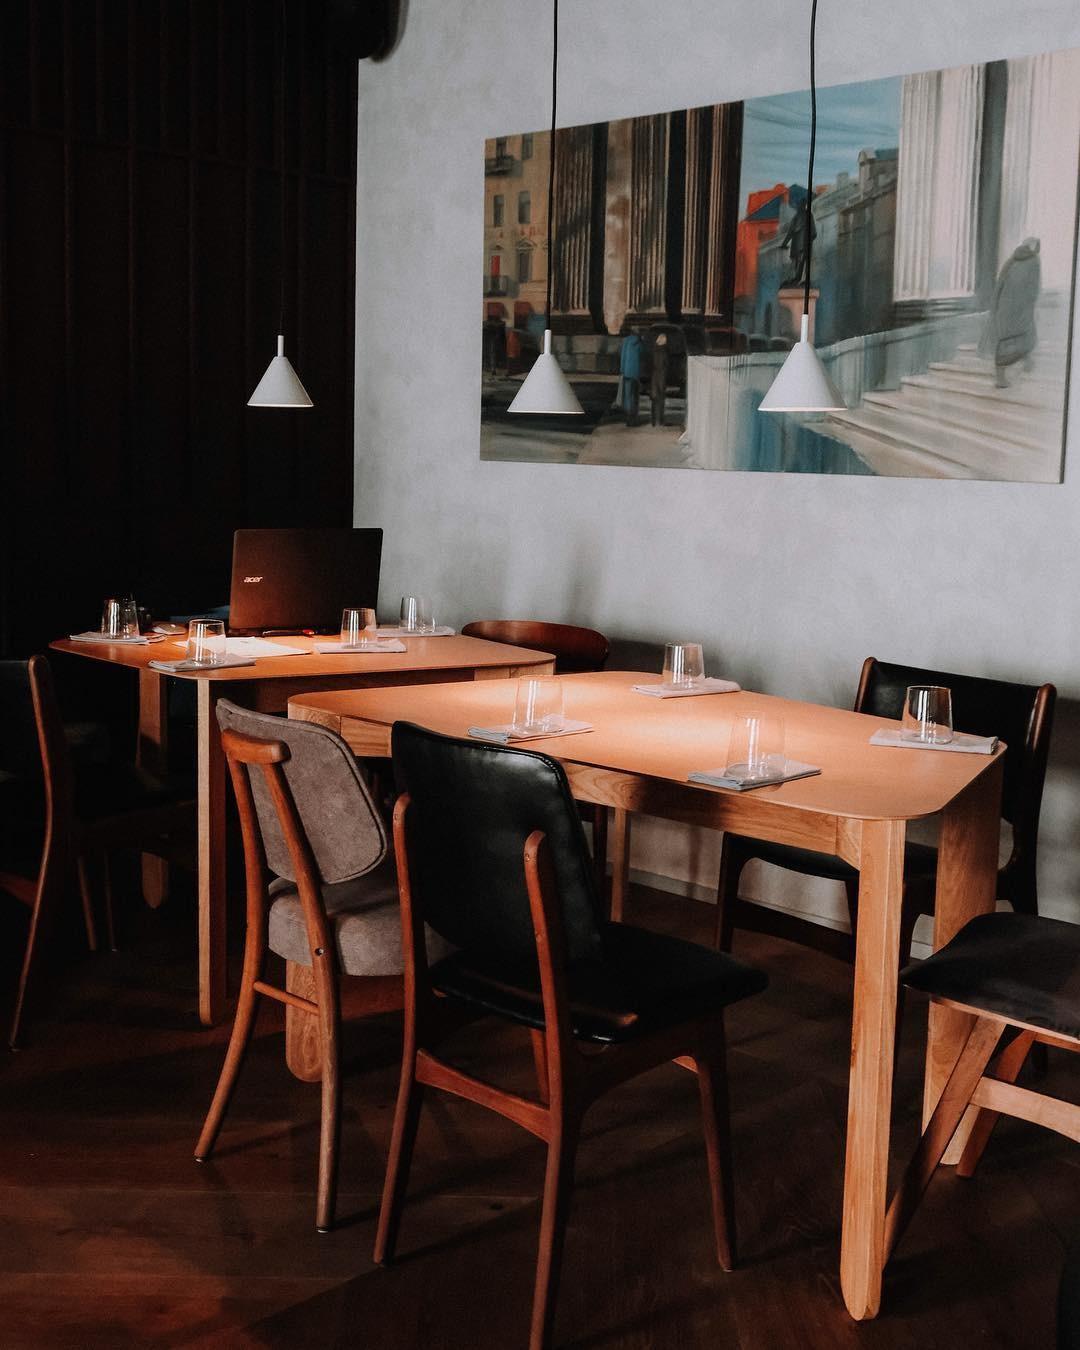 Gills restaurant kleinbettingen chrischona turm bettingen burton